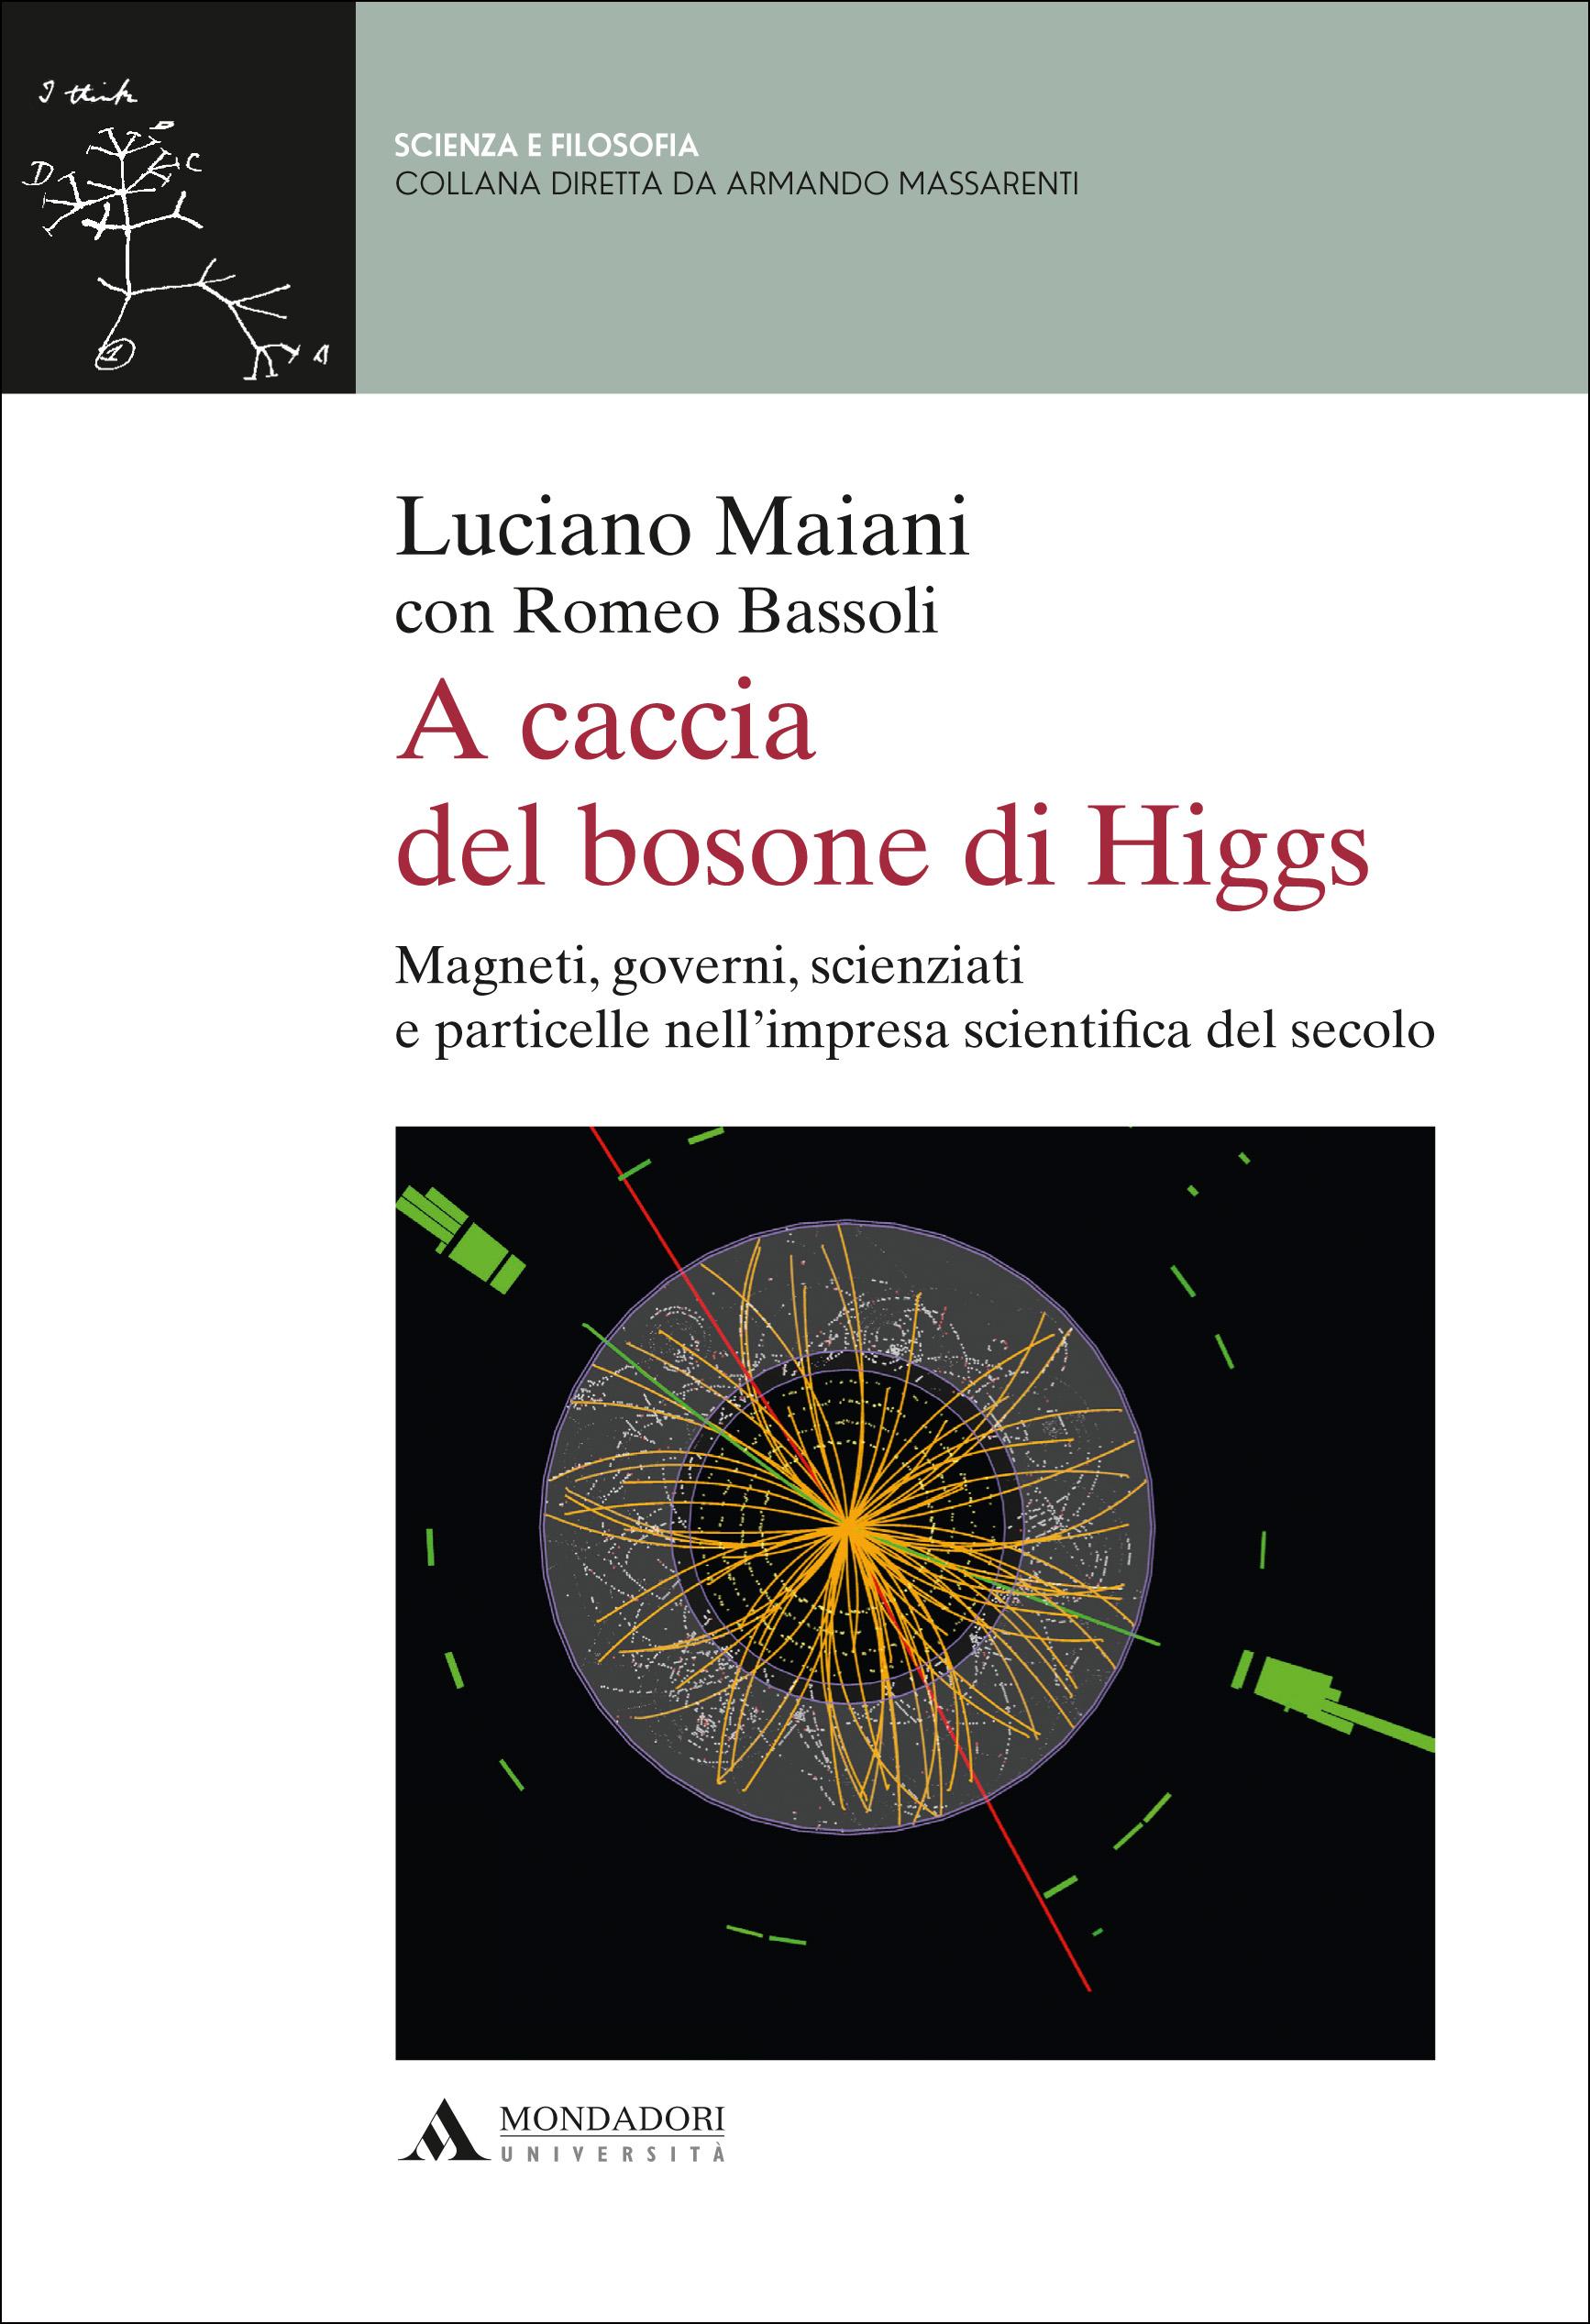 libro Luciano Maiani